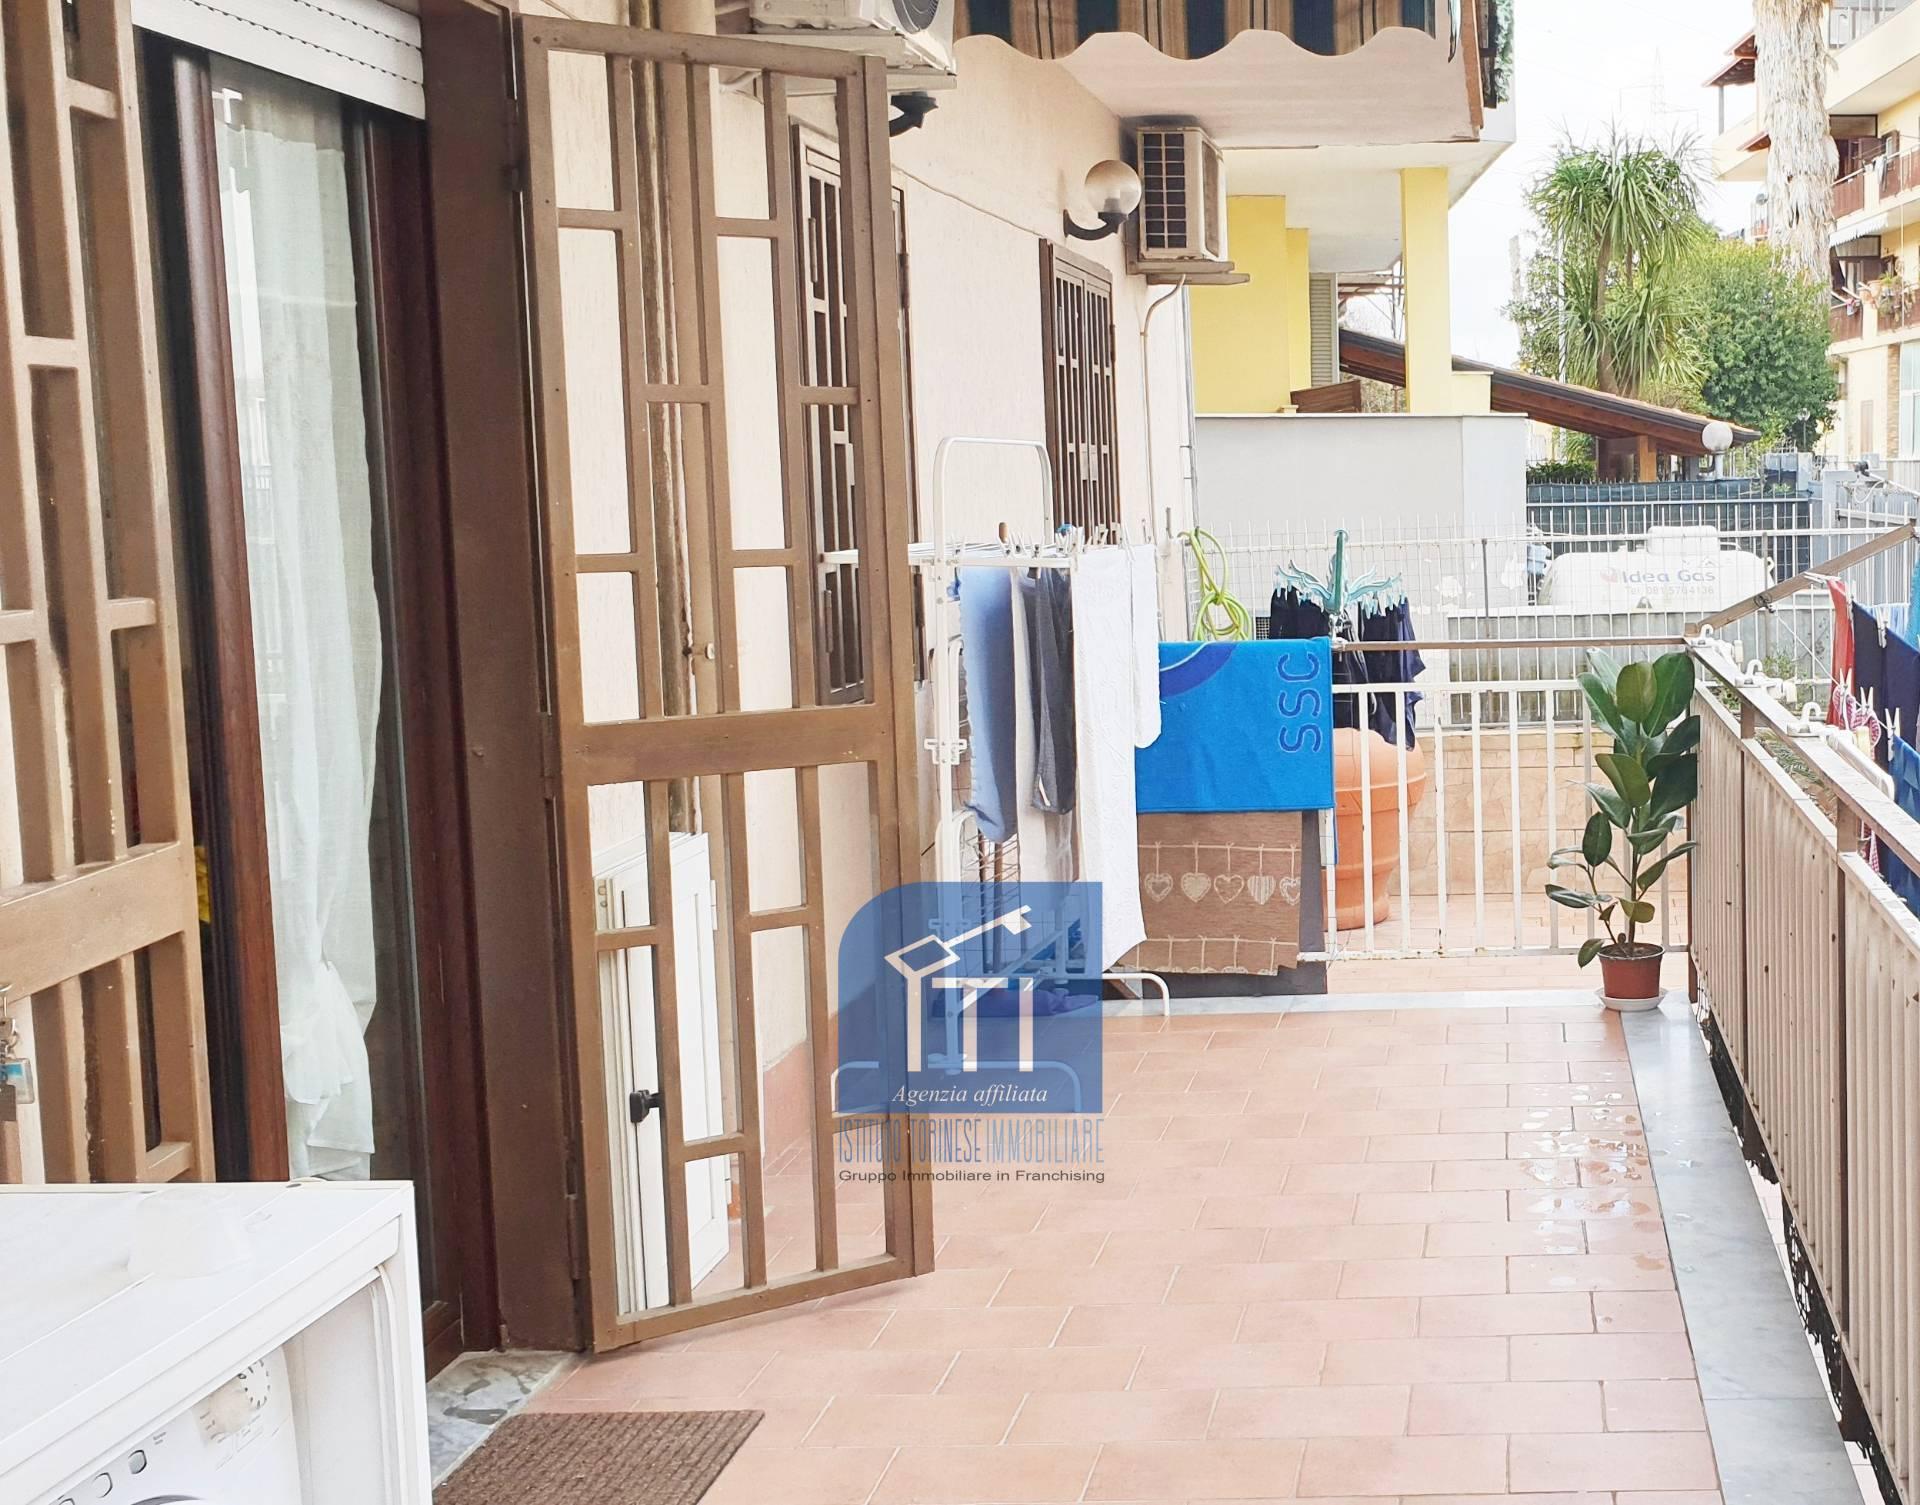 Appartamento in vendita a Marano di Napoli, 3 locali, prezzo € 115.000 | CambioCasa.it